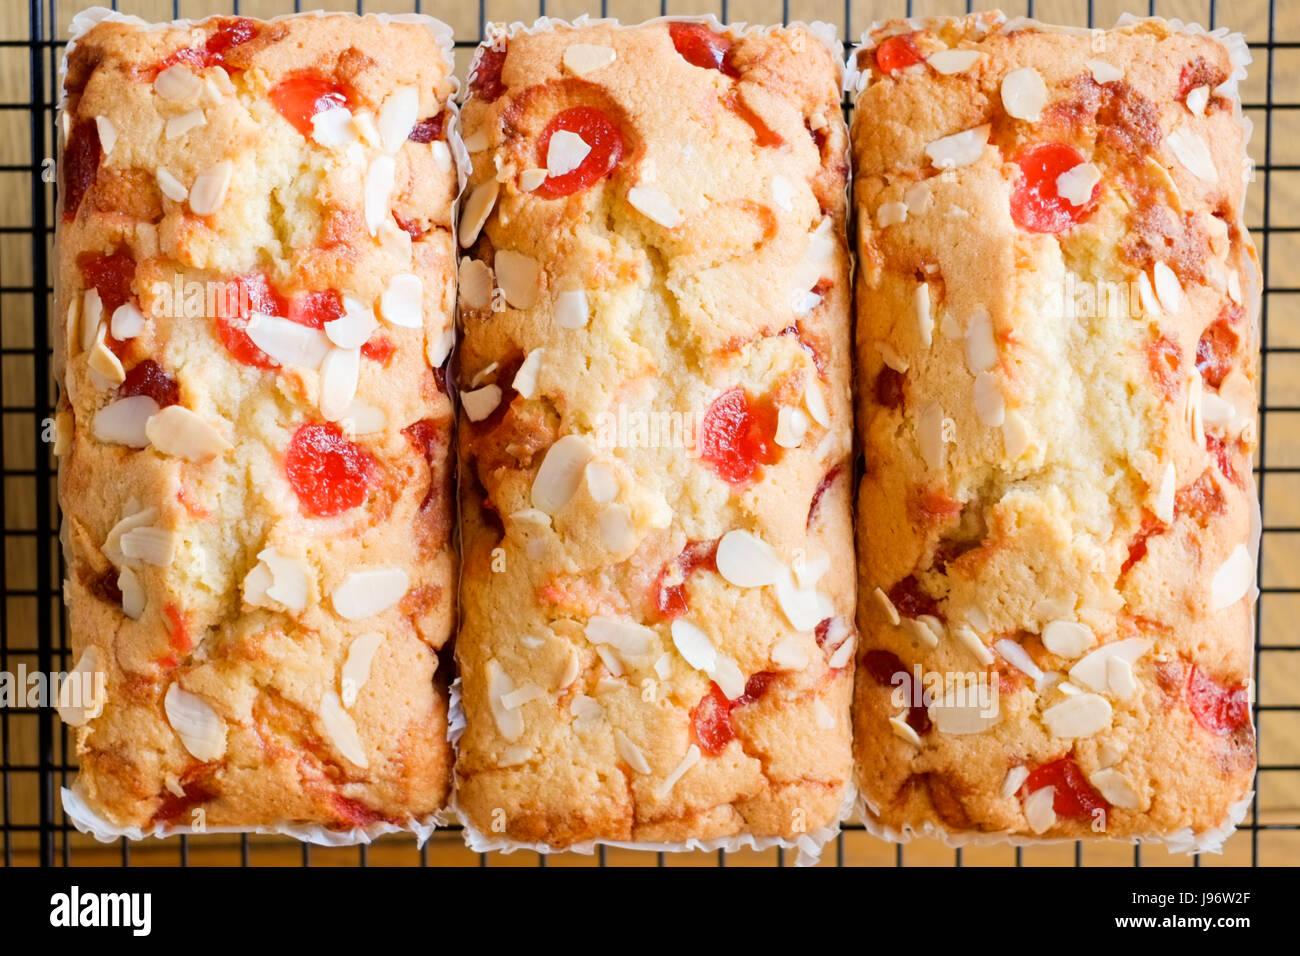 Des plats maison. Trois gâteaux aux amandes et cerises sur une grille de refroidissement. Photo Stock